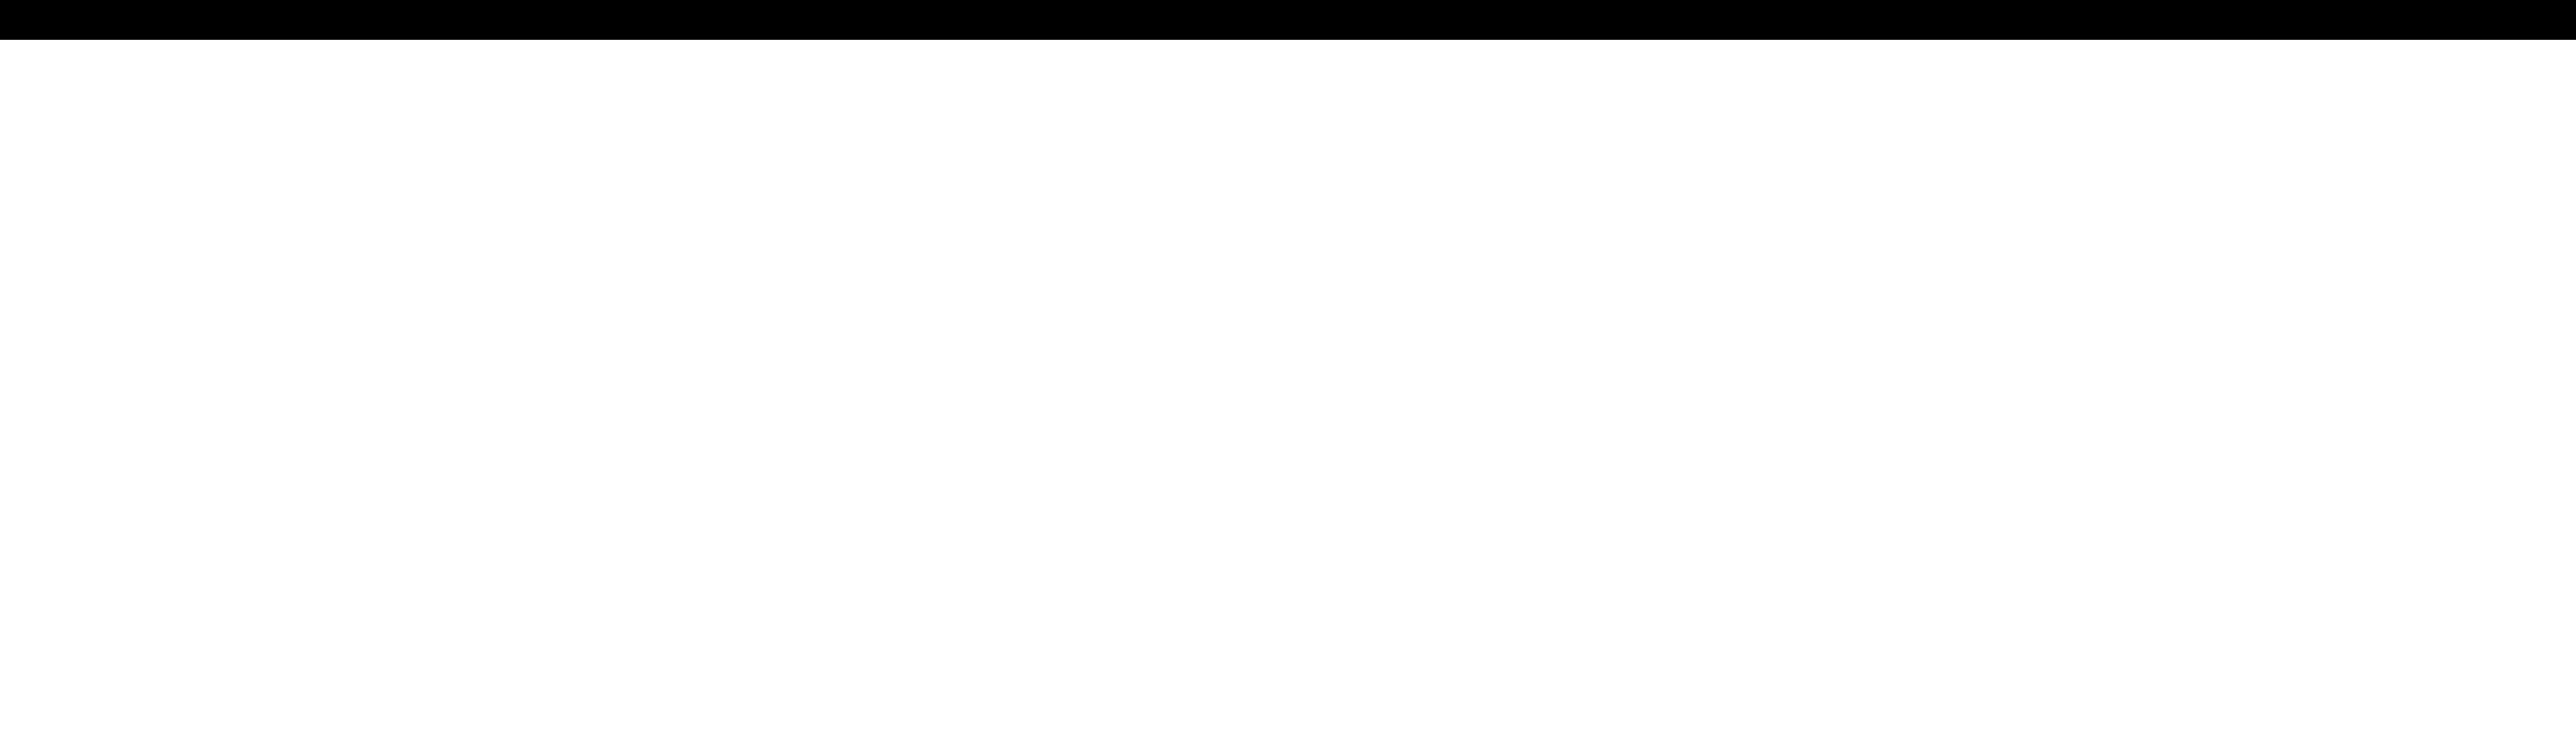 xposer magazine white logo